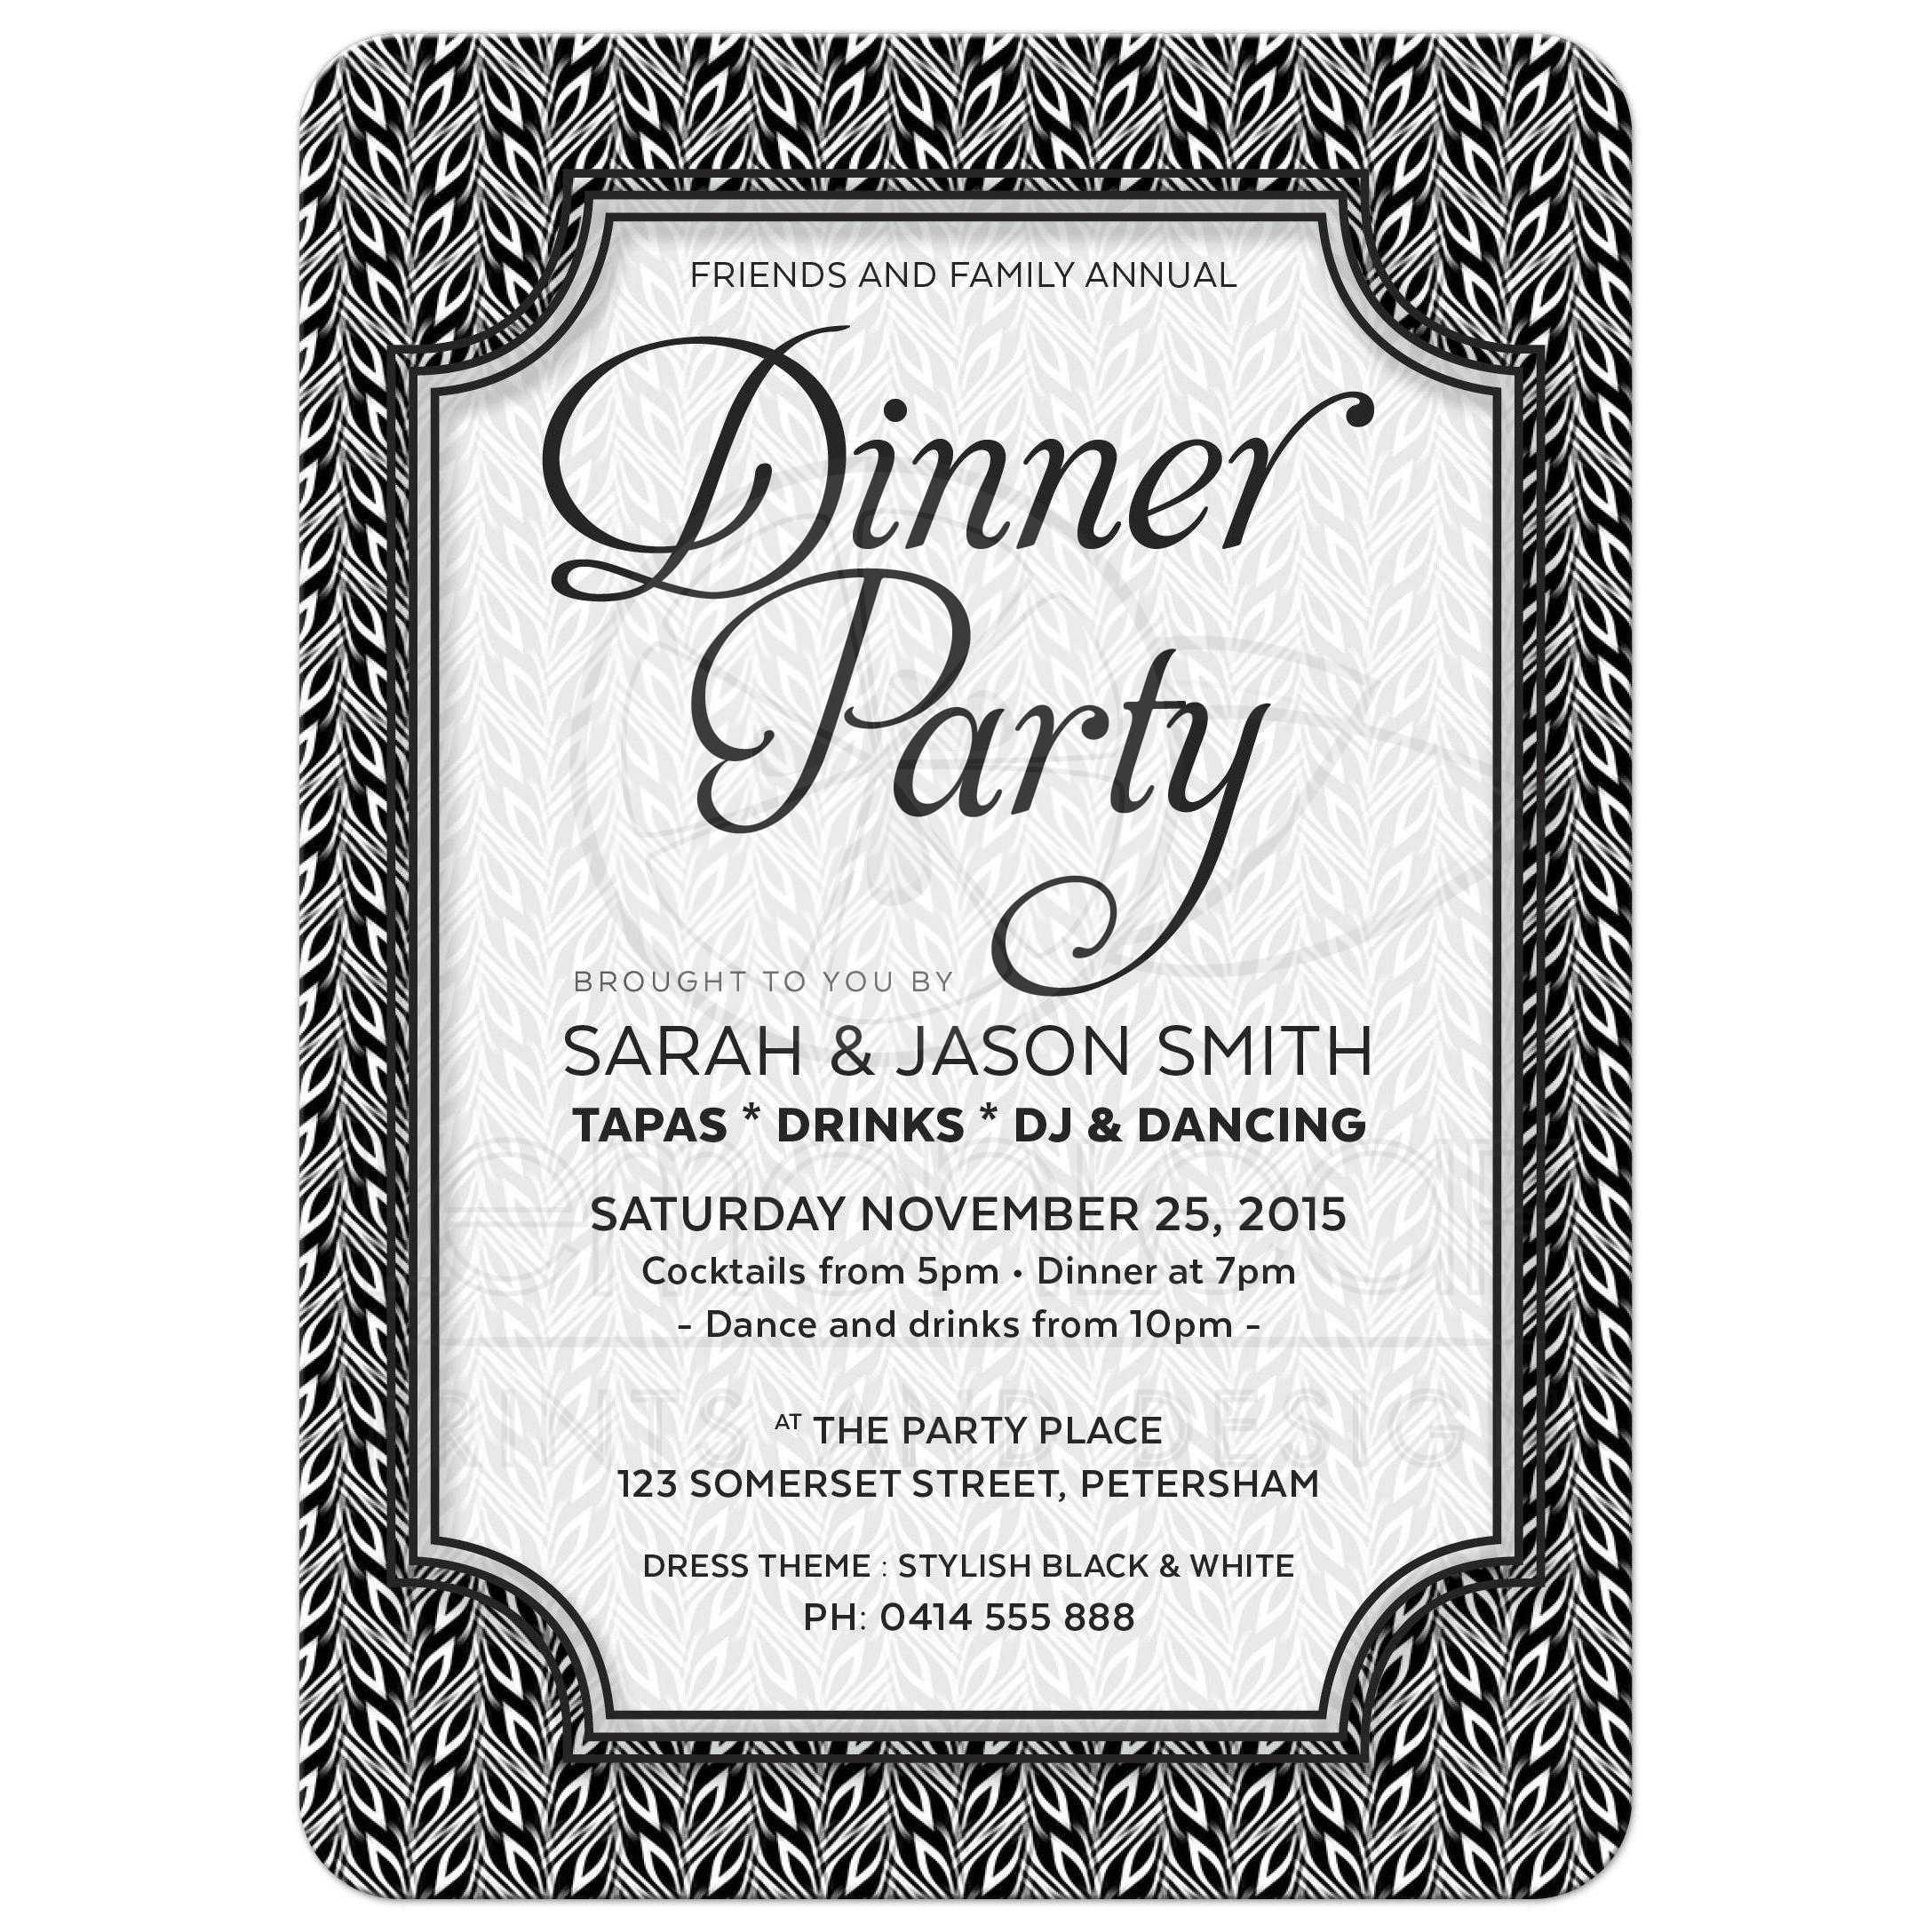 Black and white dinner party invitation simply stylish 02 simply stylish 2 black white dinner party invite stopboris Choice Image